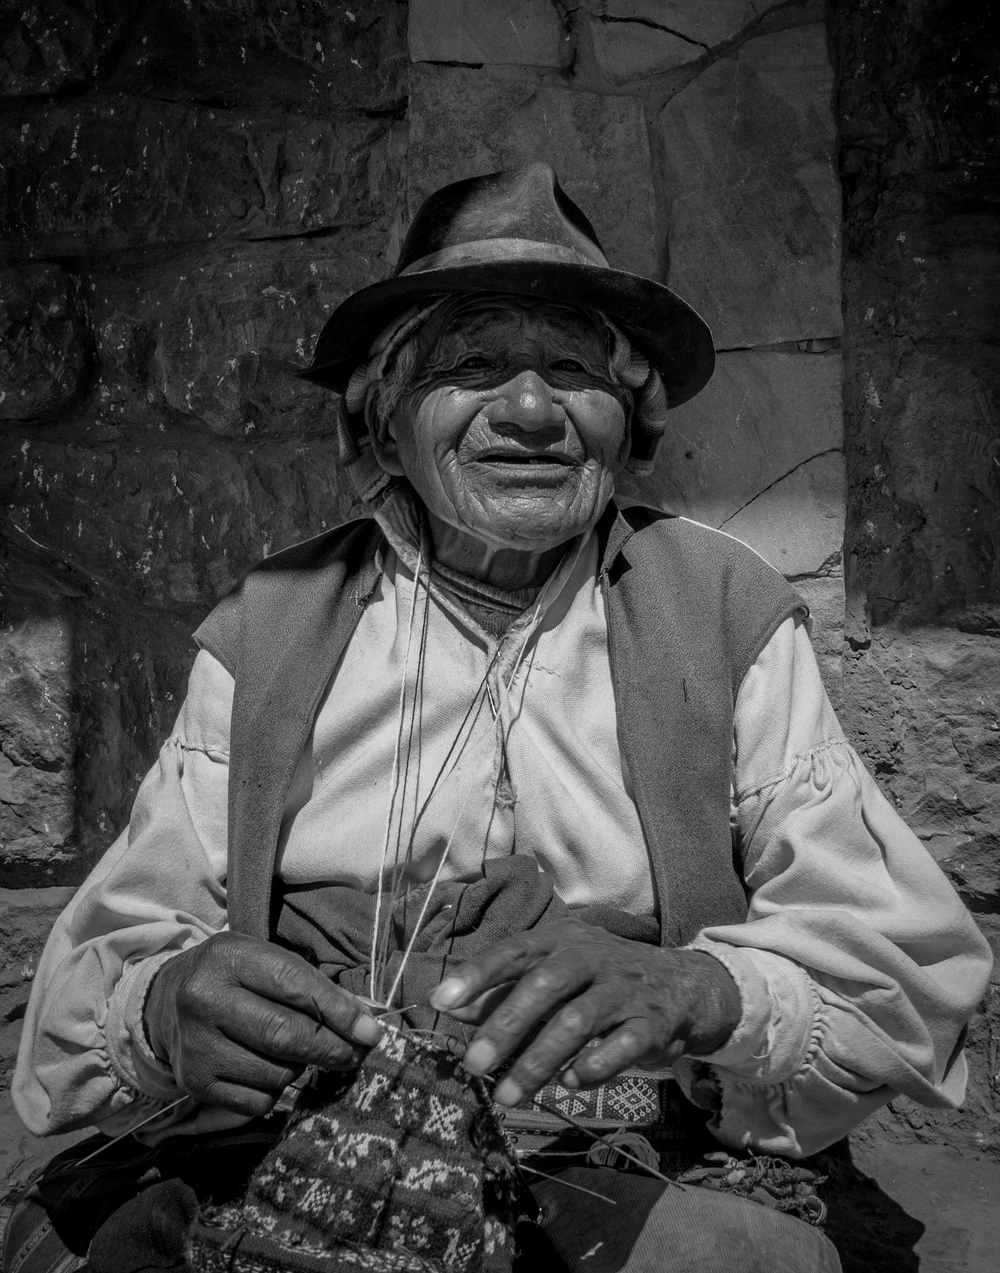 Knitter -Taquile, Peru